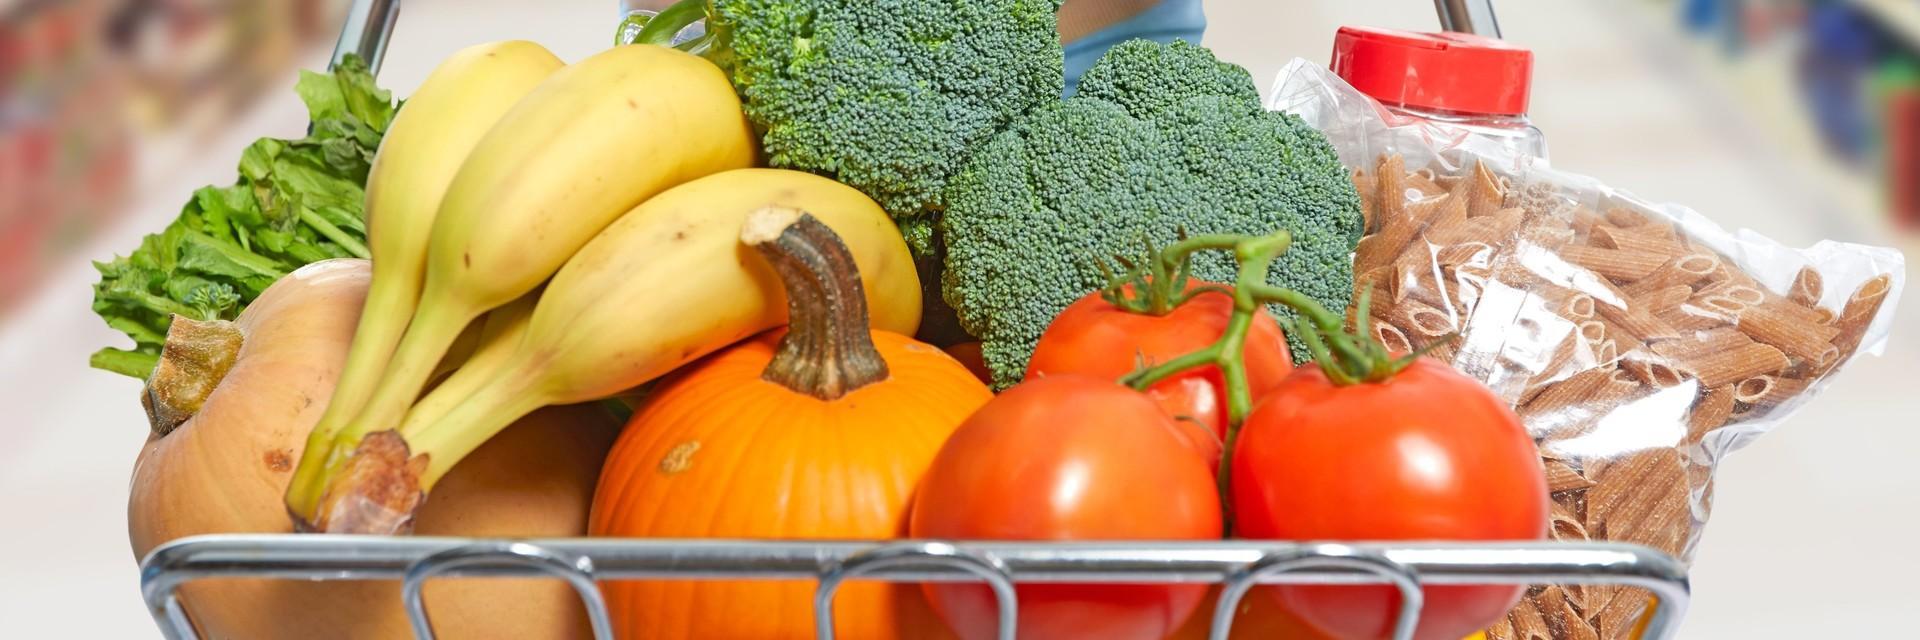 Einkaufswagen mit Obst, Gemüse und Nudeln